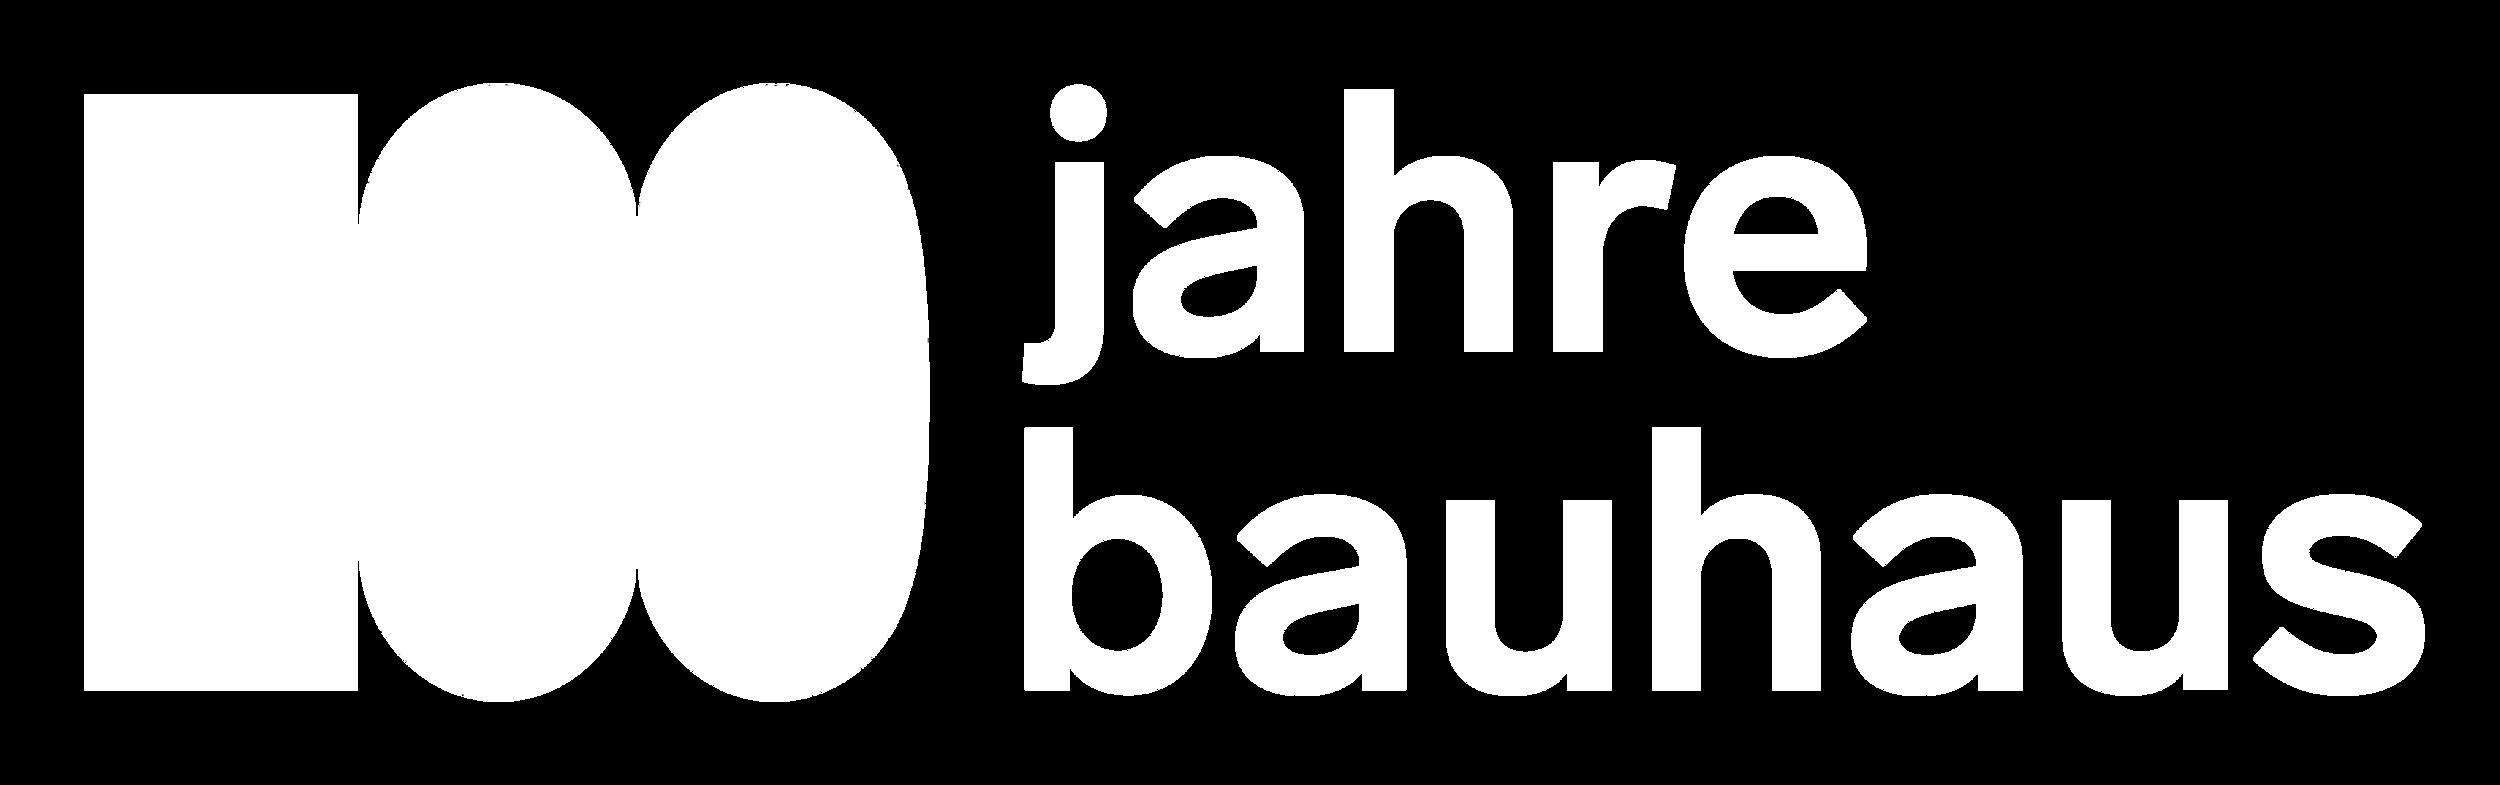 BH-100-jahre-bauhaus_quer_white_sRGB.png